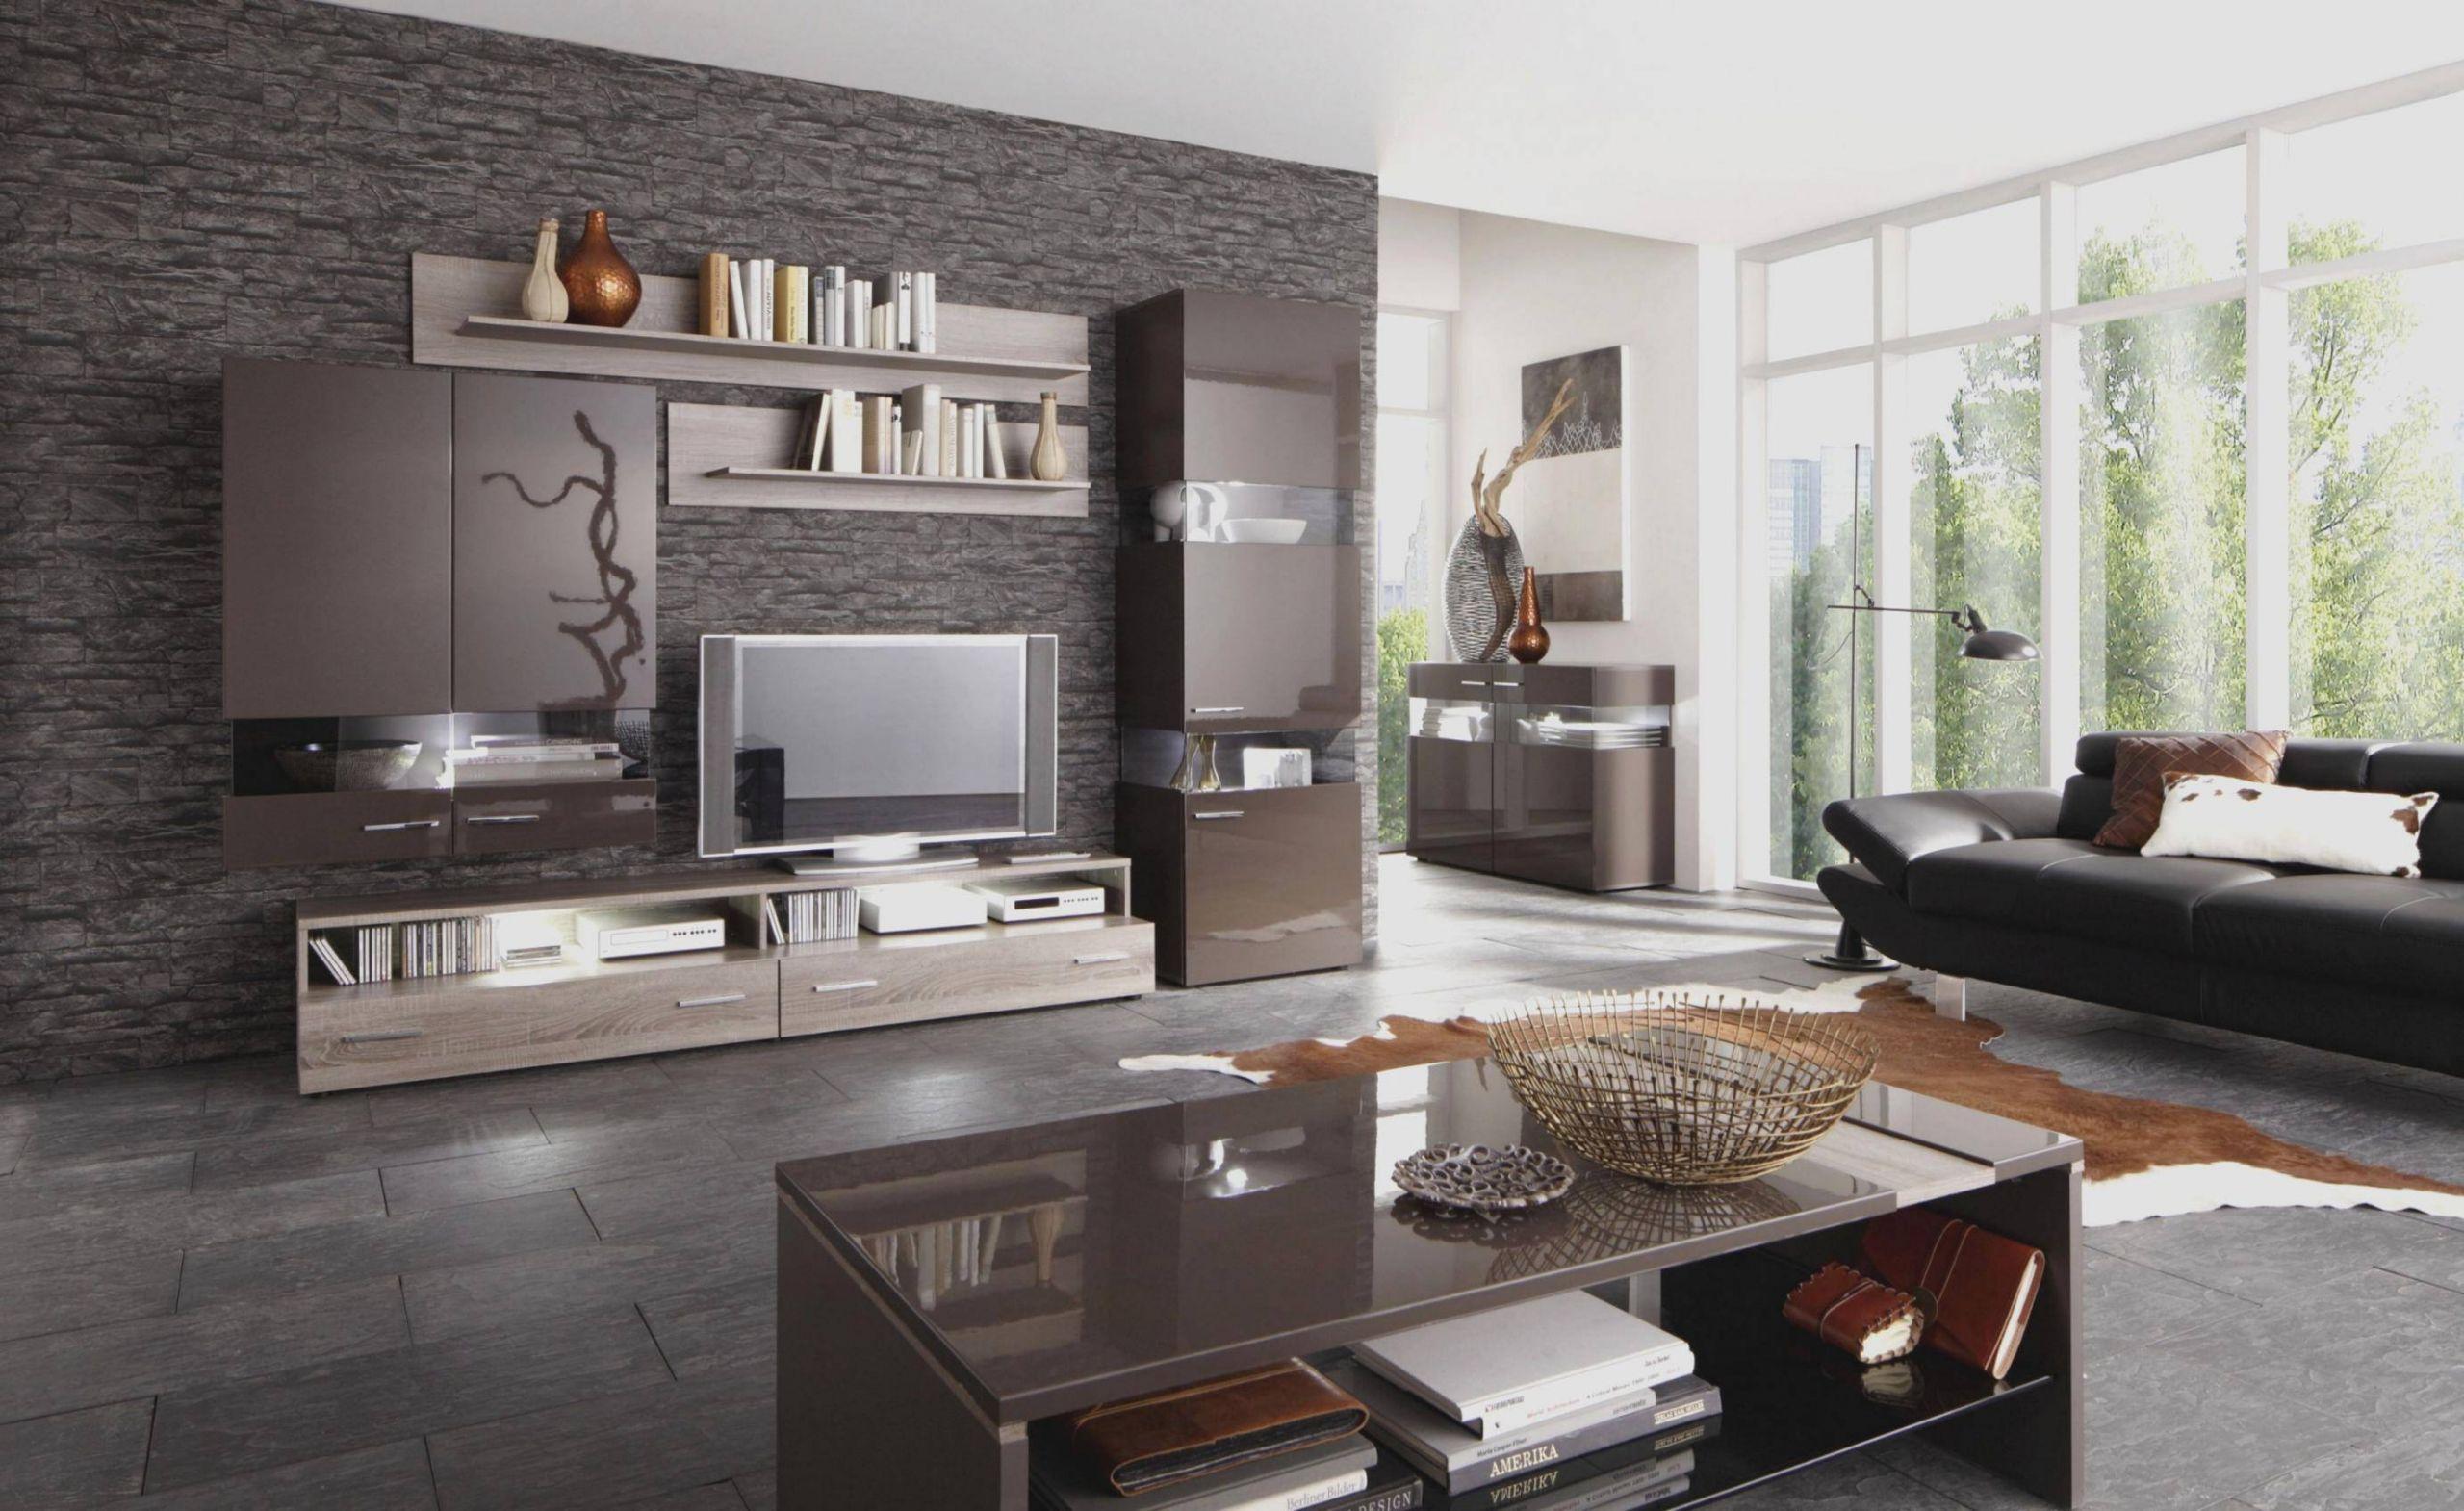 wohnzimmermobel von musterring einzigartig deko wohnzimmer of wohnzimmermobel von musterring